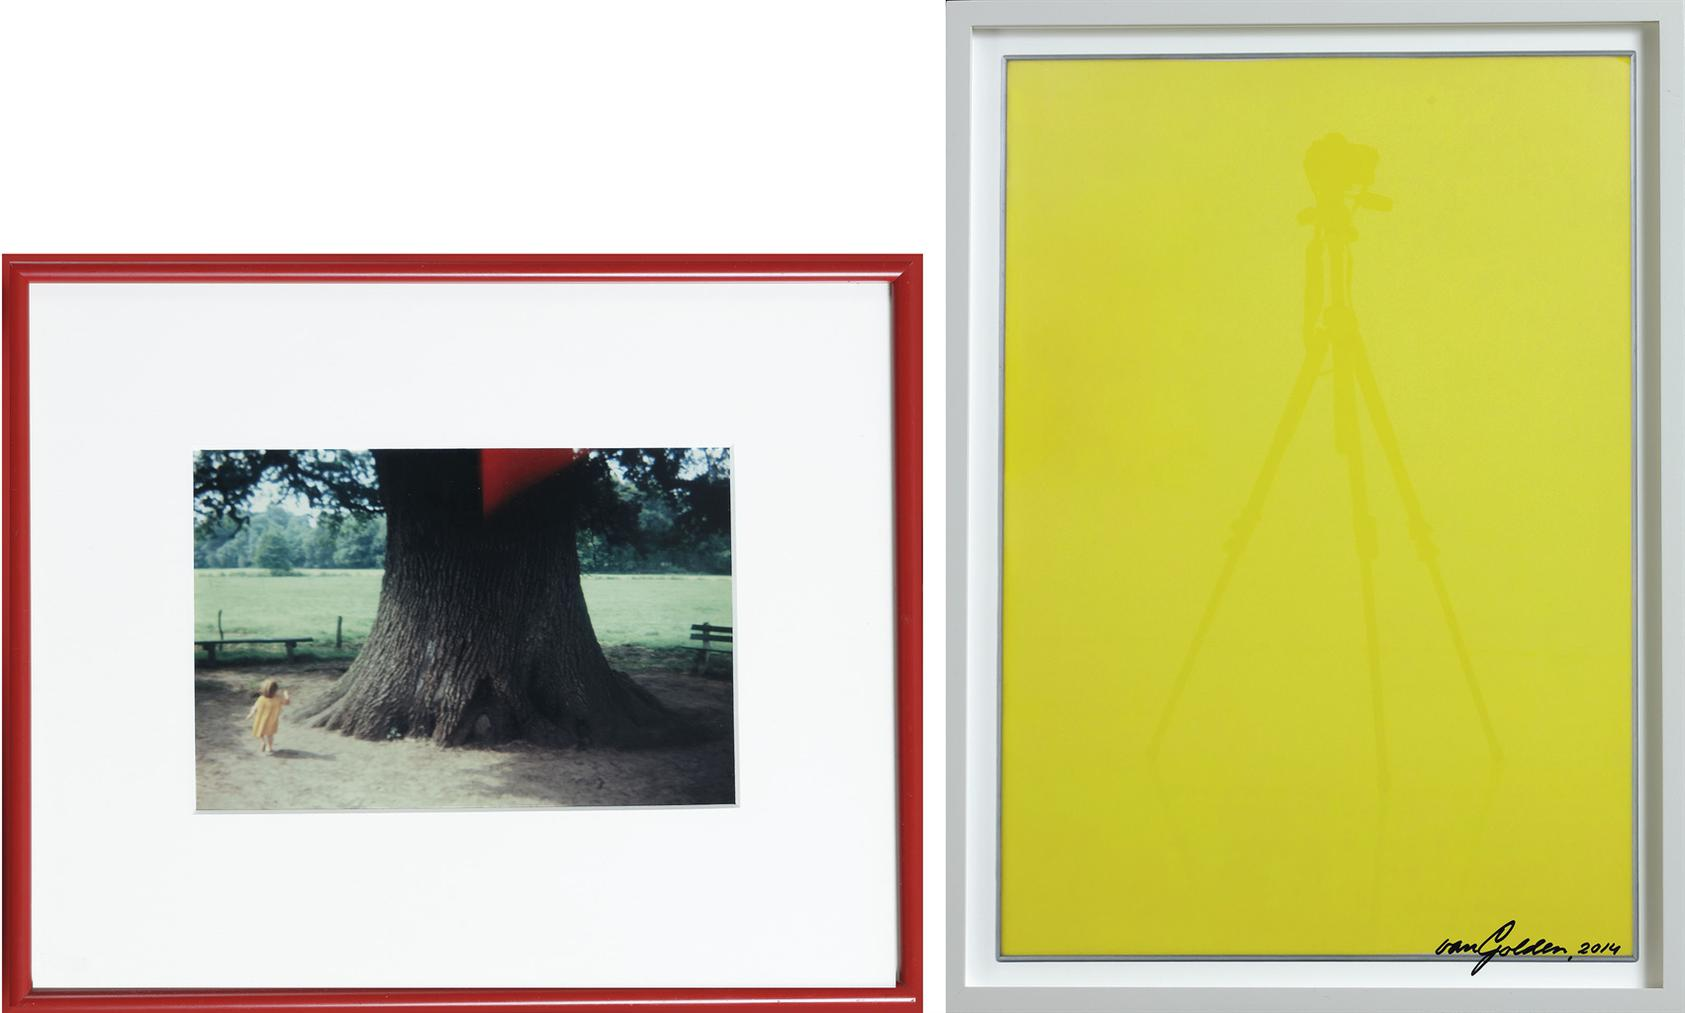 Daan van Golden-(I) Diana, Laren; (II) Gele Reflectie (Yellow Reflection)-2014